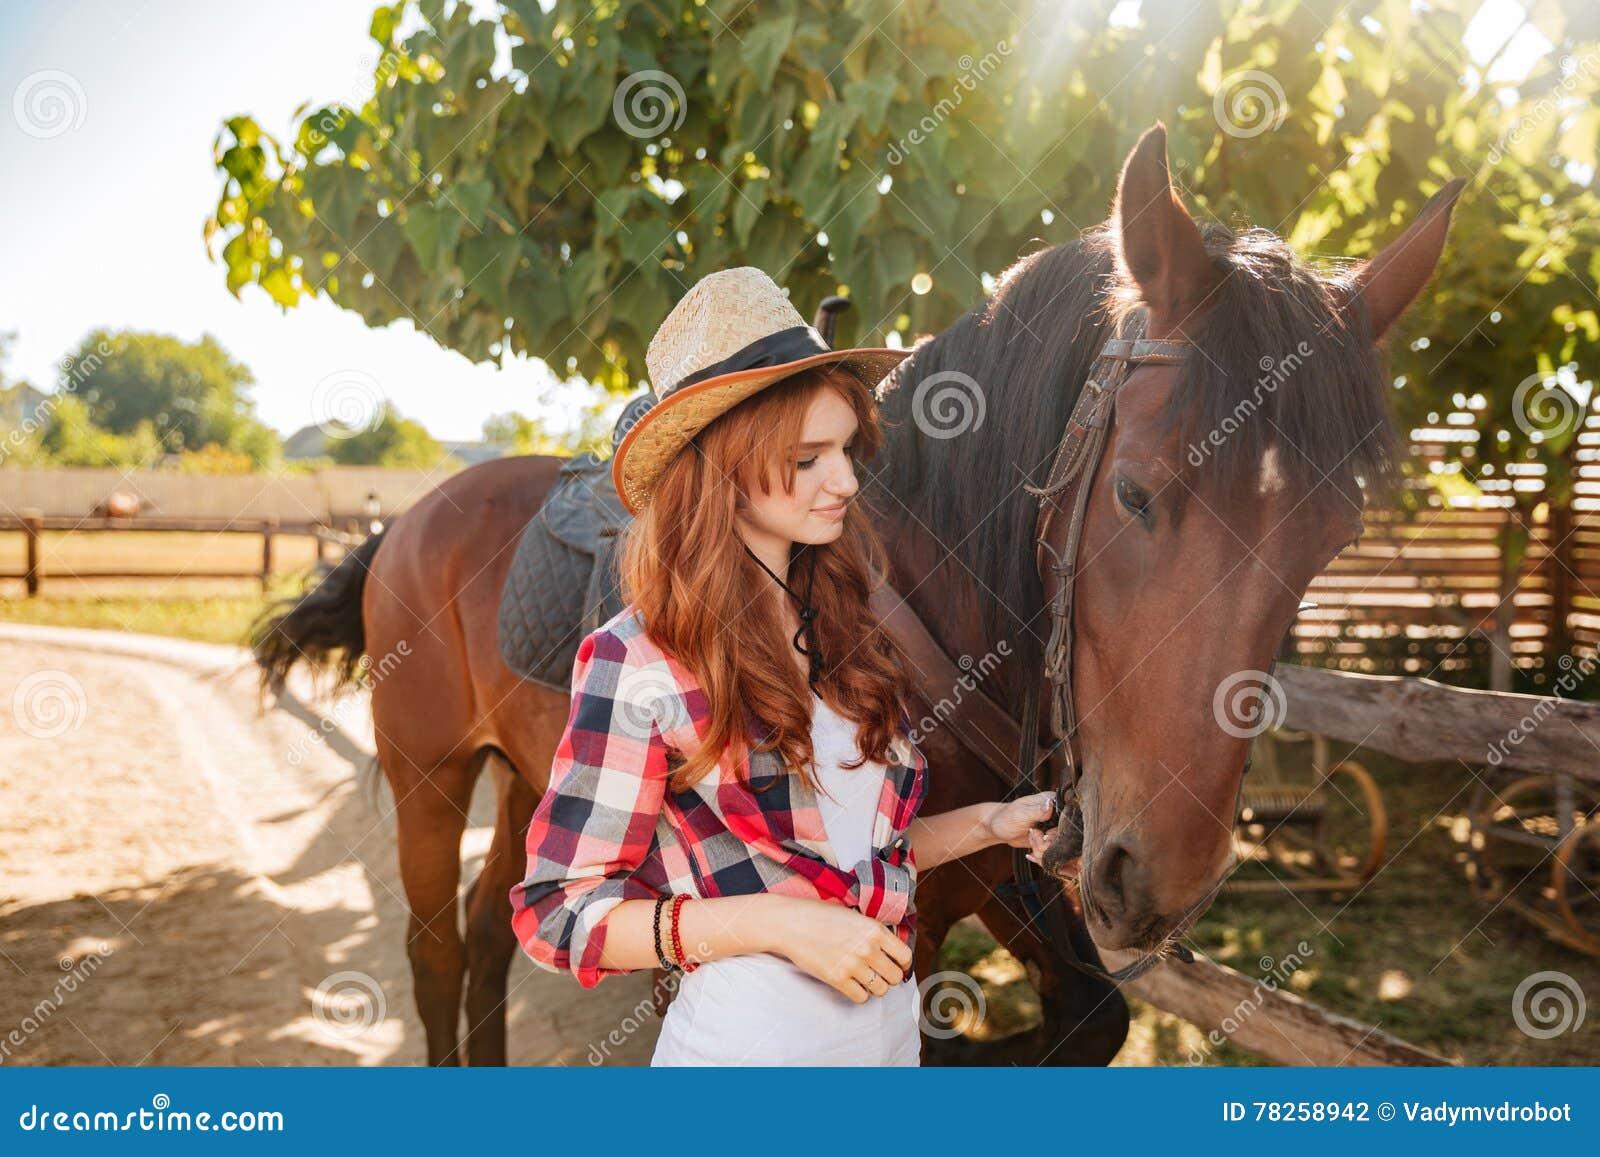 Γυναίκα cowgirl που στέκεται και που φροντίζει το άλογο στο χωριό